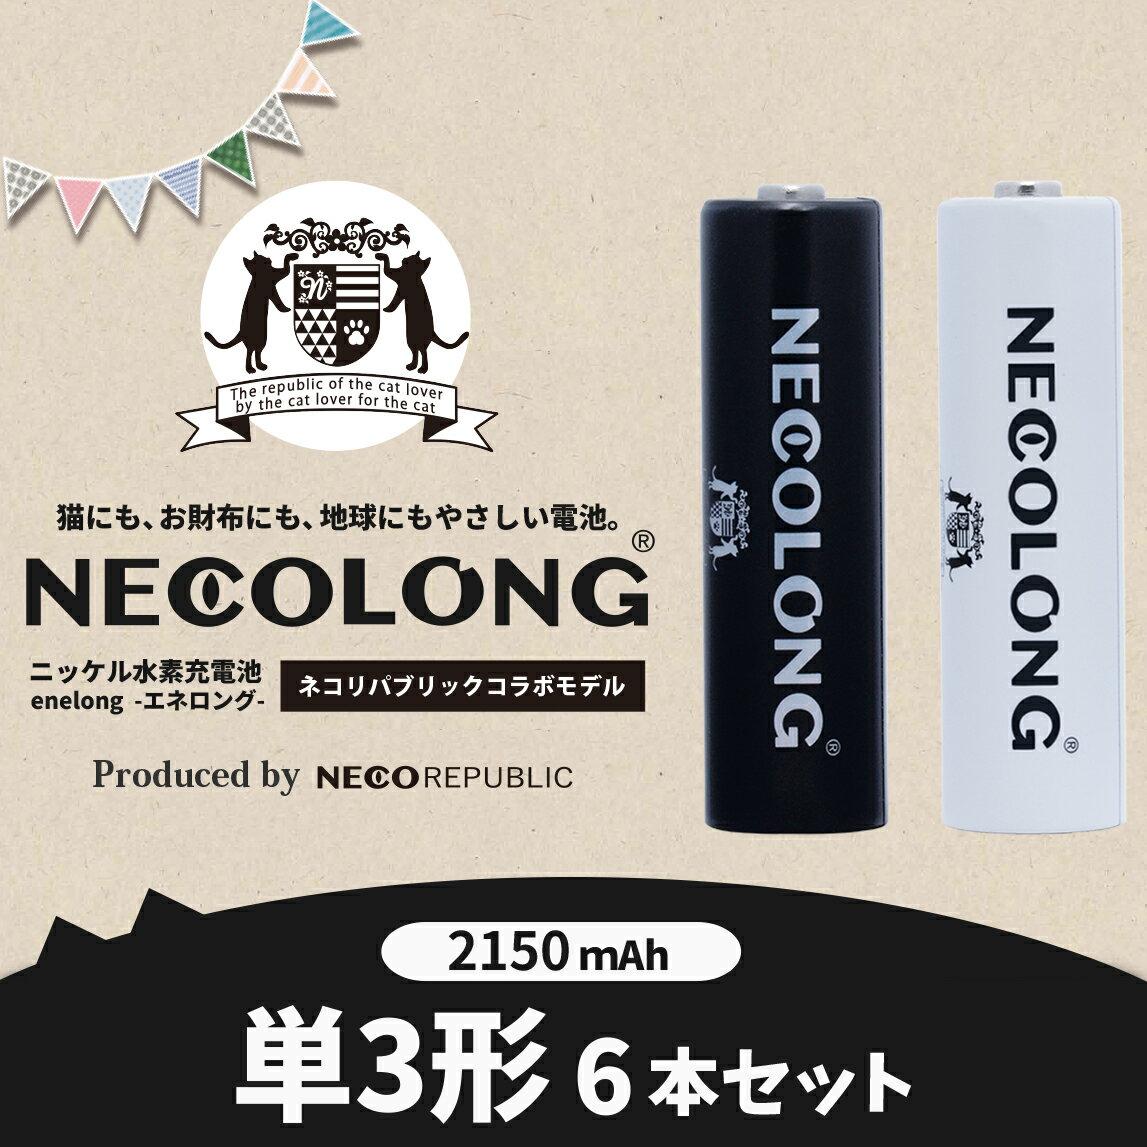 ニッケル水素充電池 NECOLONG ネコロングNECOREPUBLIC ネコリパブリック公式モデルeneloop エネループ enelong エネロング を超える大容量2150mAh!単3形電池×6本セット ネコポス送料無料